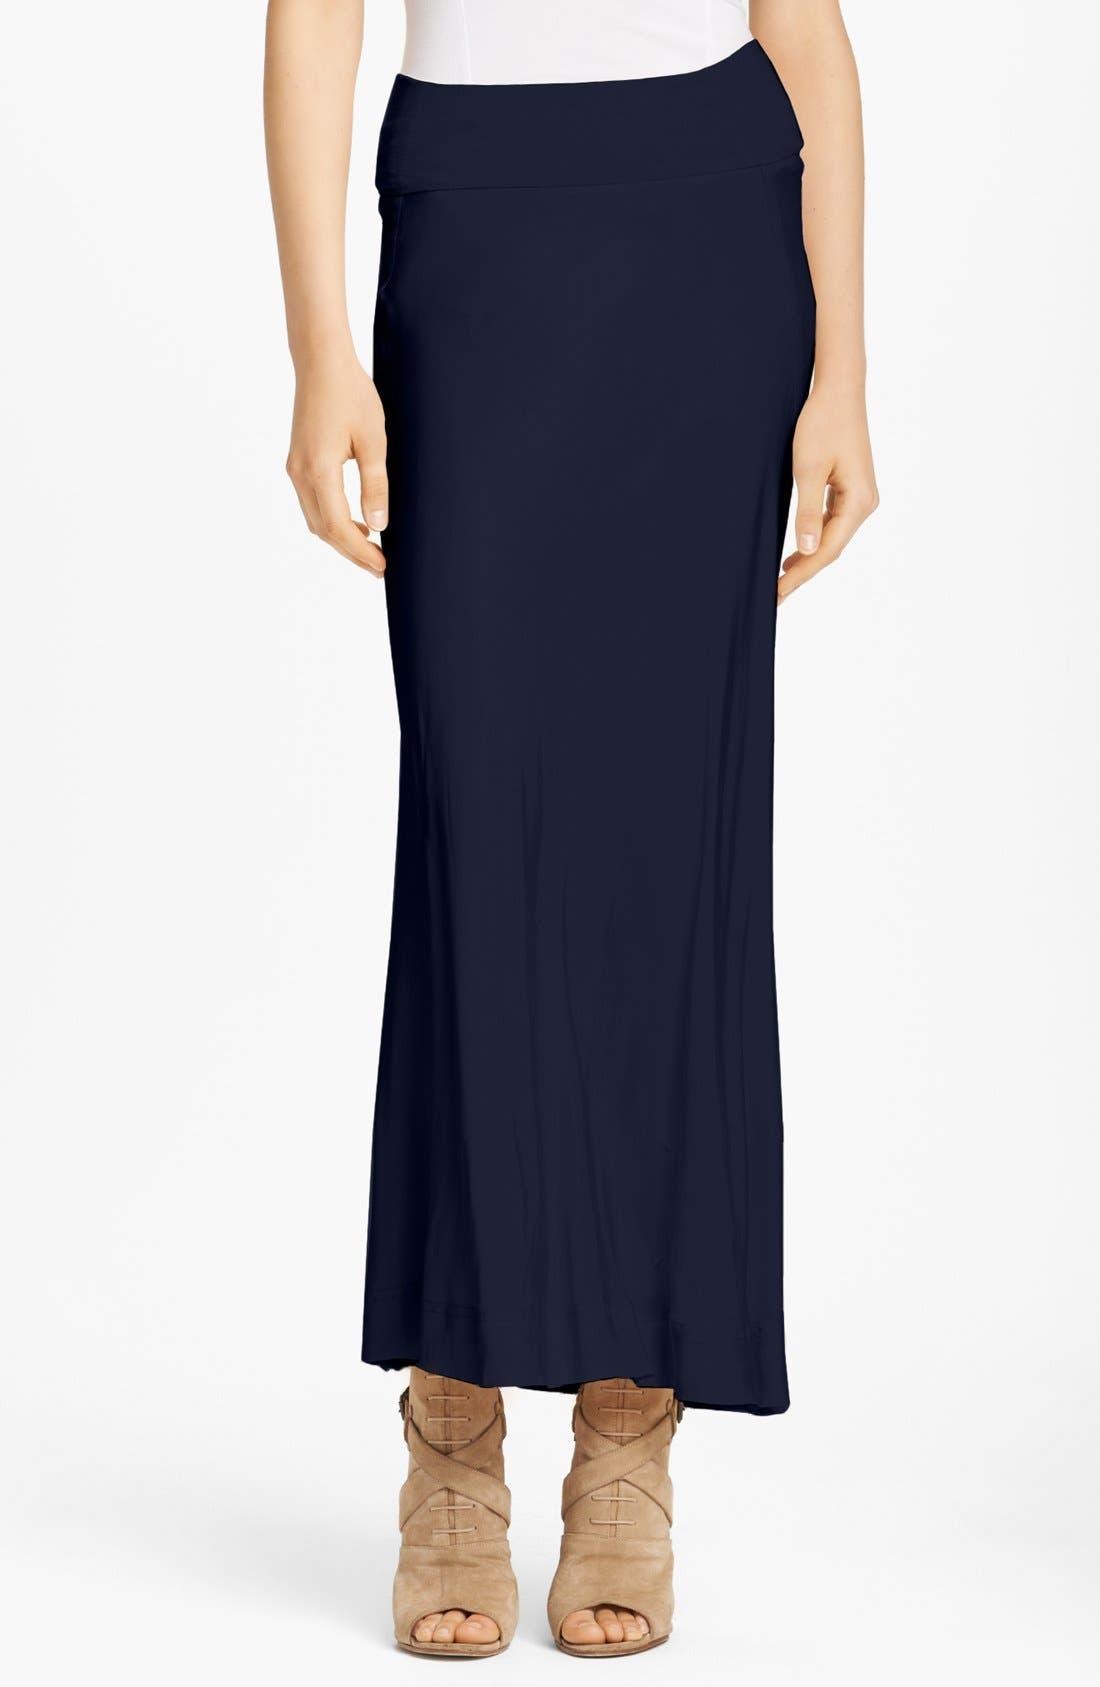 Alternate Image 1 Selected - Donna Karan Casual Luxe Satin & Jersey Bias Cut Skirt